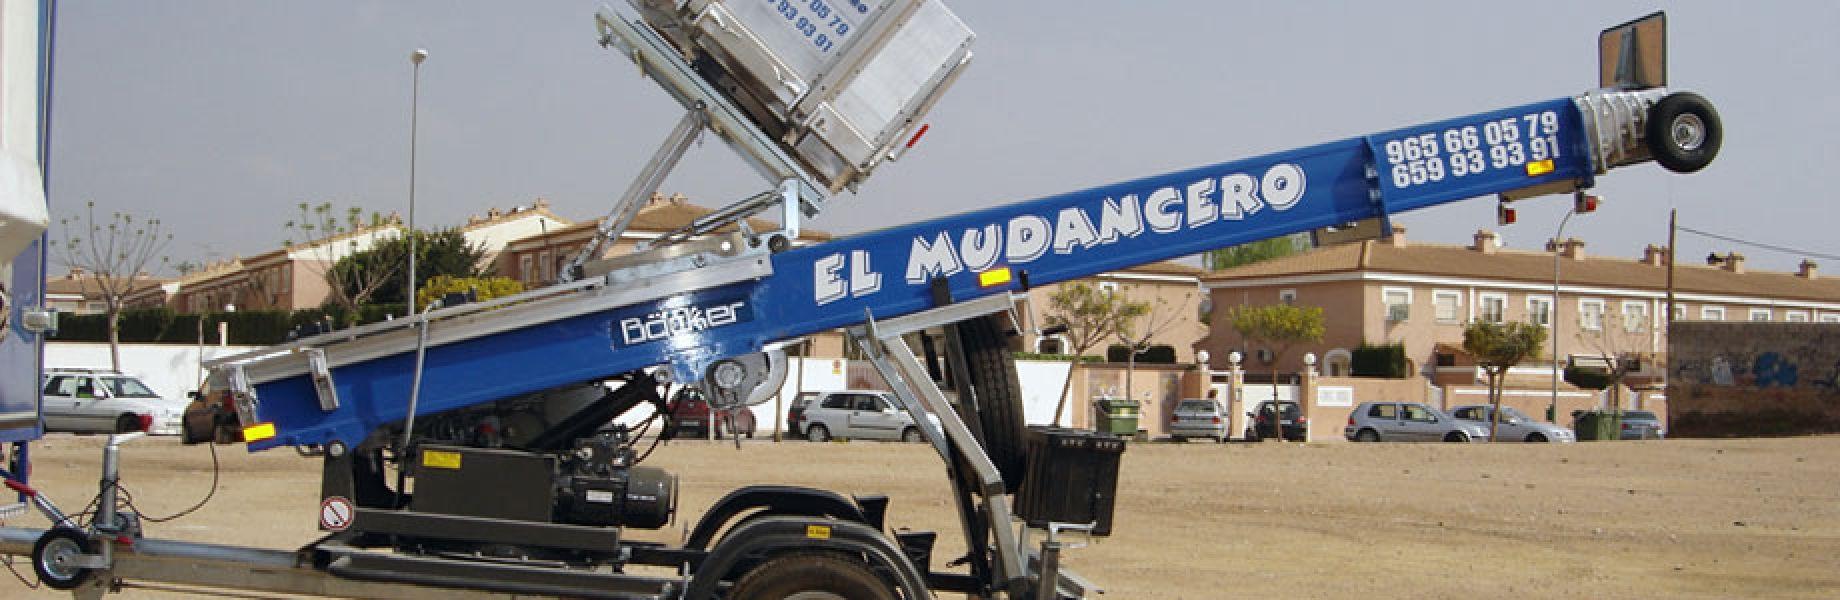 El Mudancero # Muebles Raspeig San Vicente